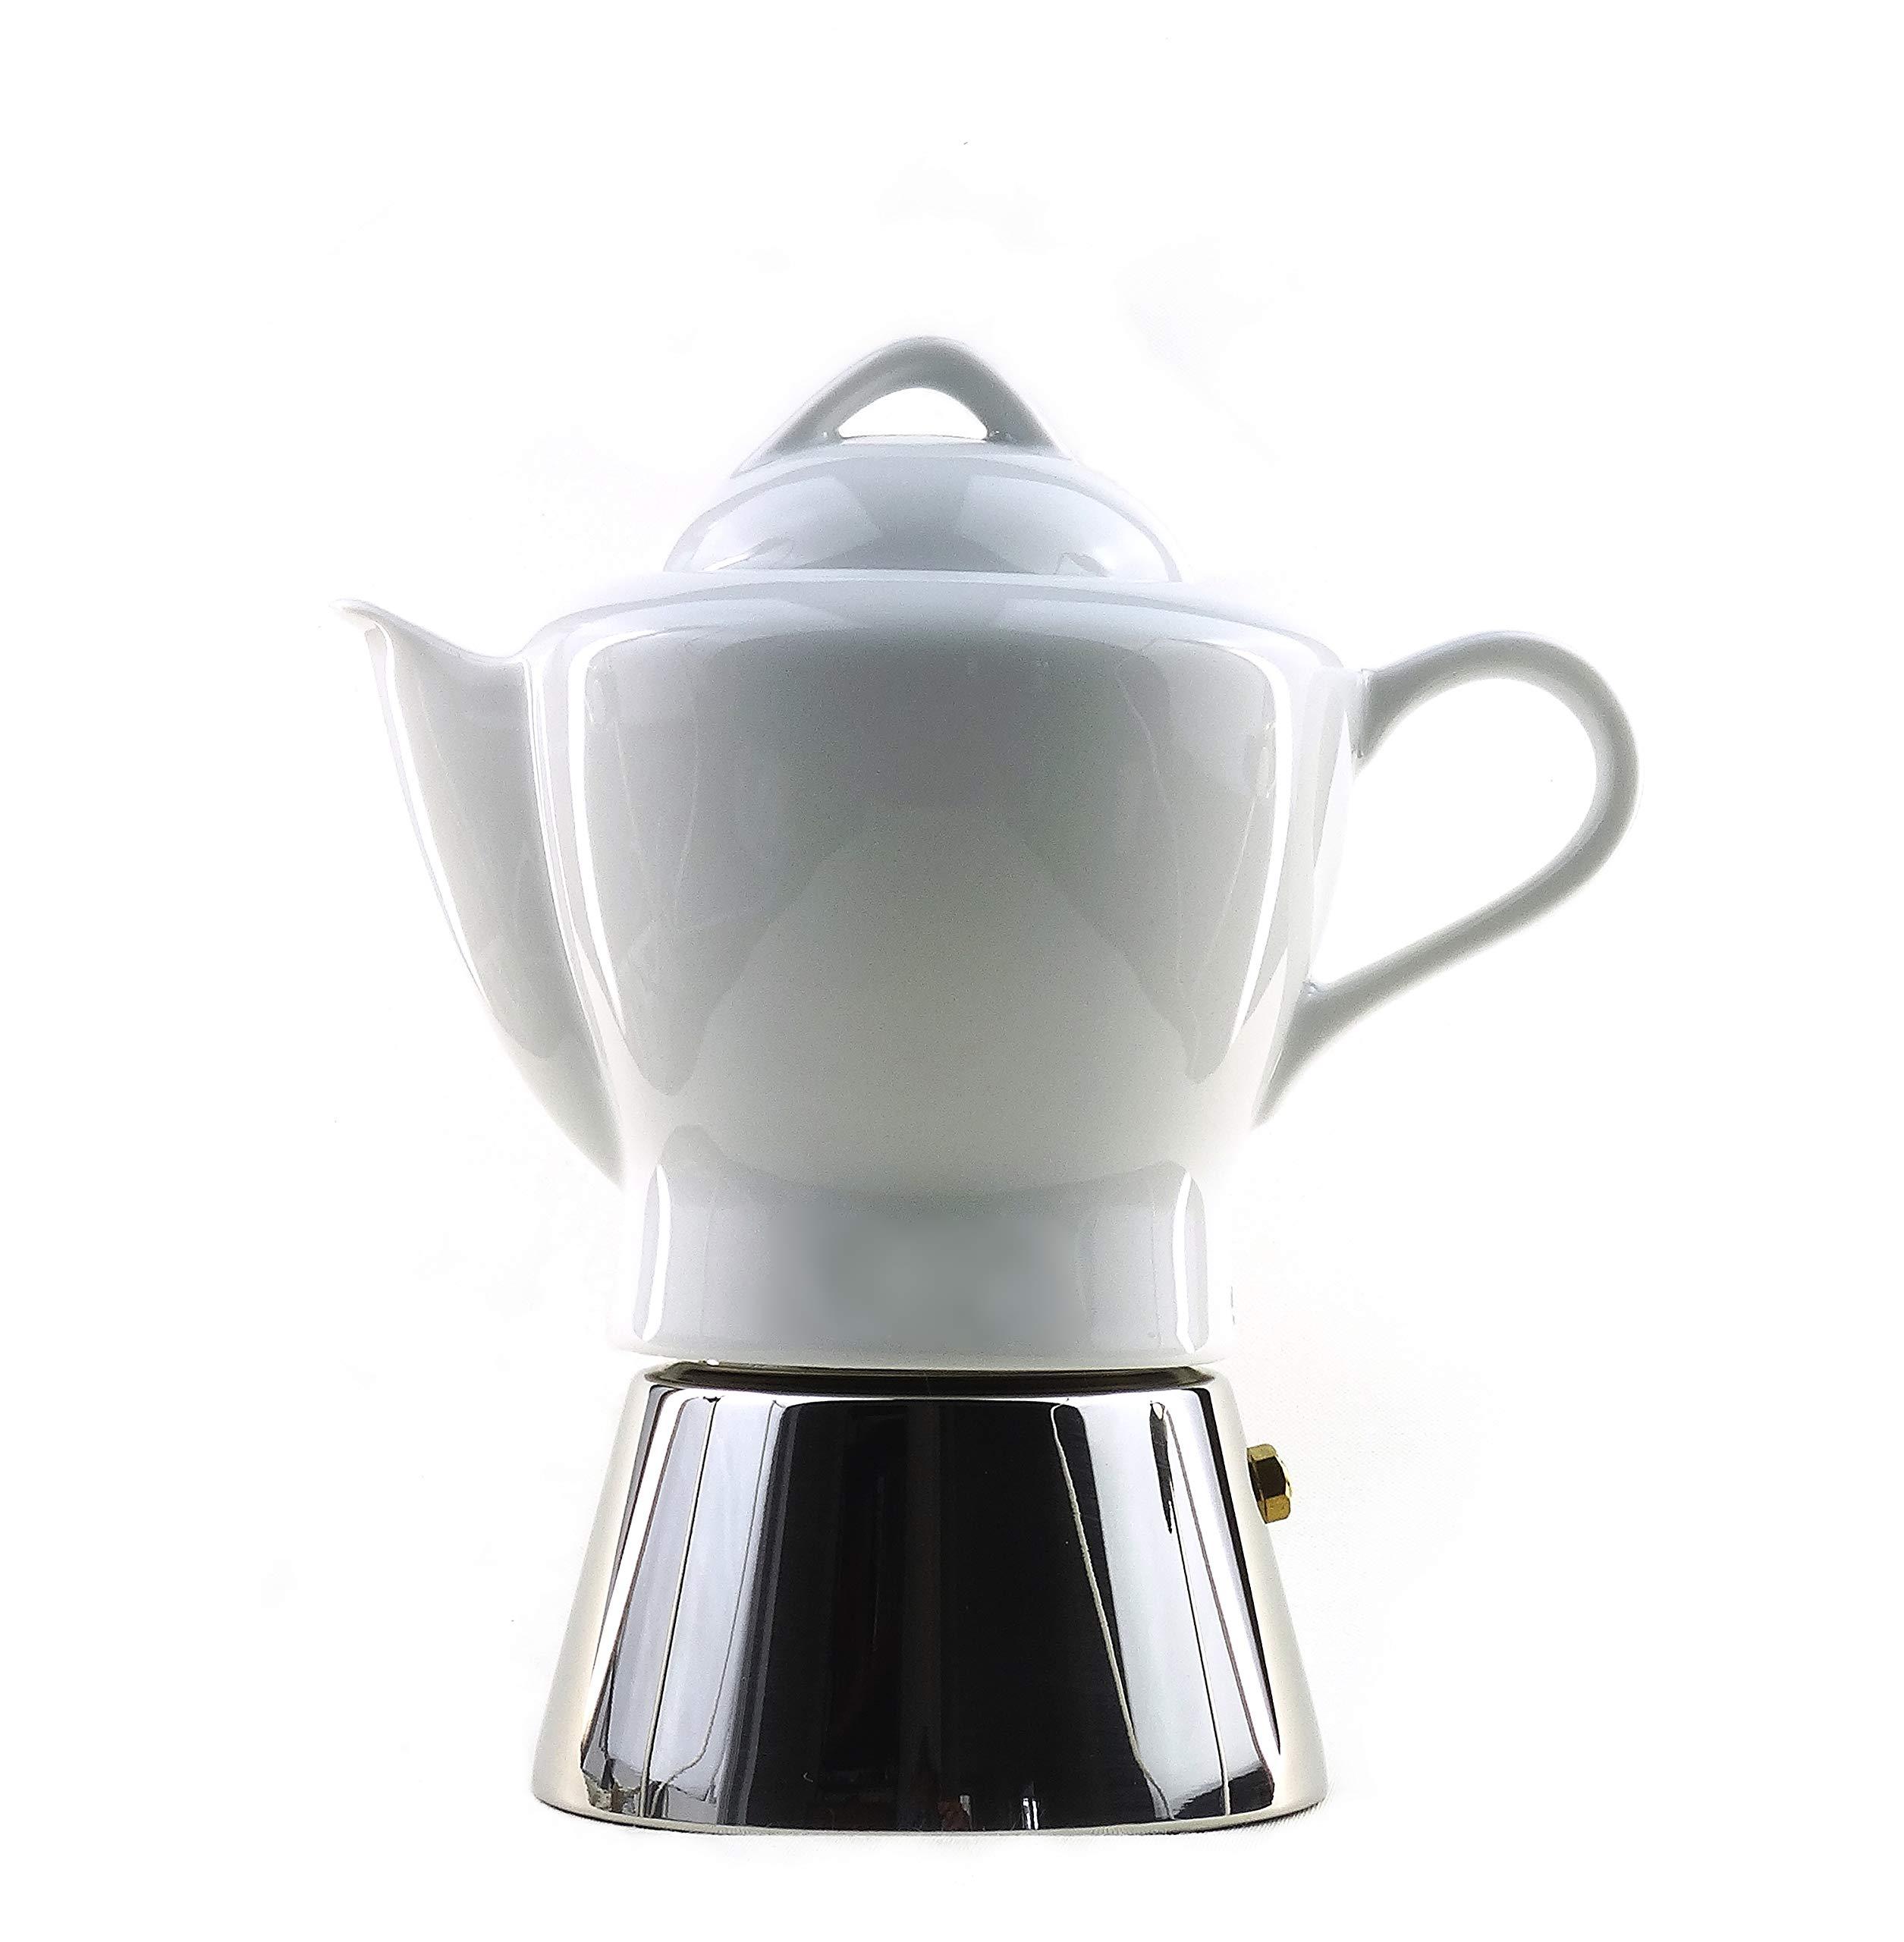 moka consorten italienischer espressokocher nicole aus edelstahl und wei em porzellan 210 ml. Black Bedroom Furniture Sets. Home Design Ideas